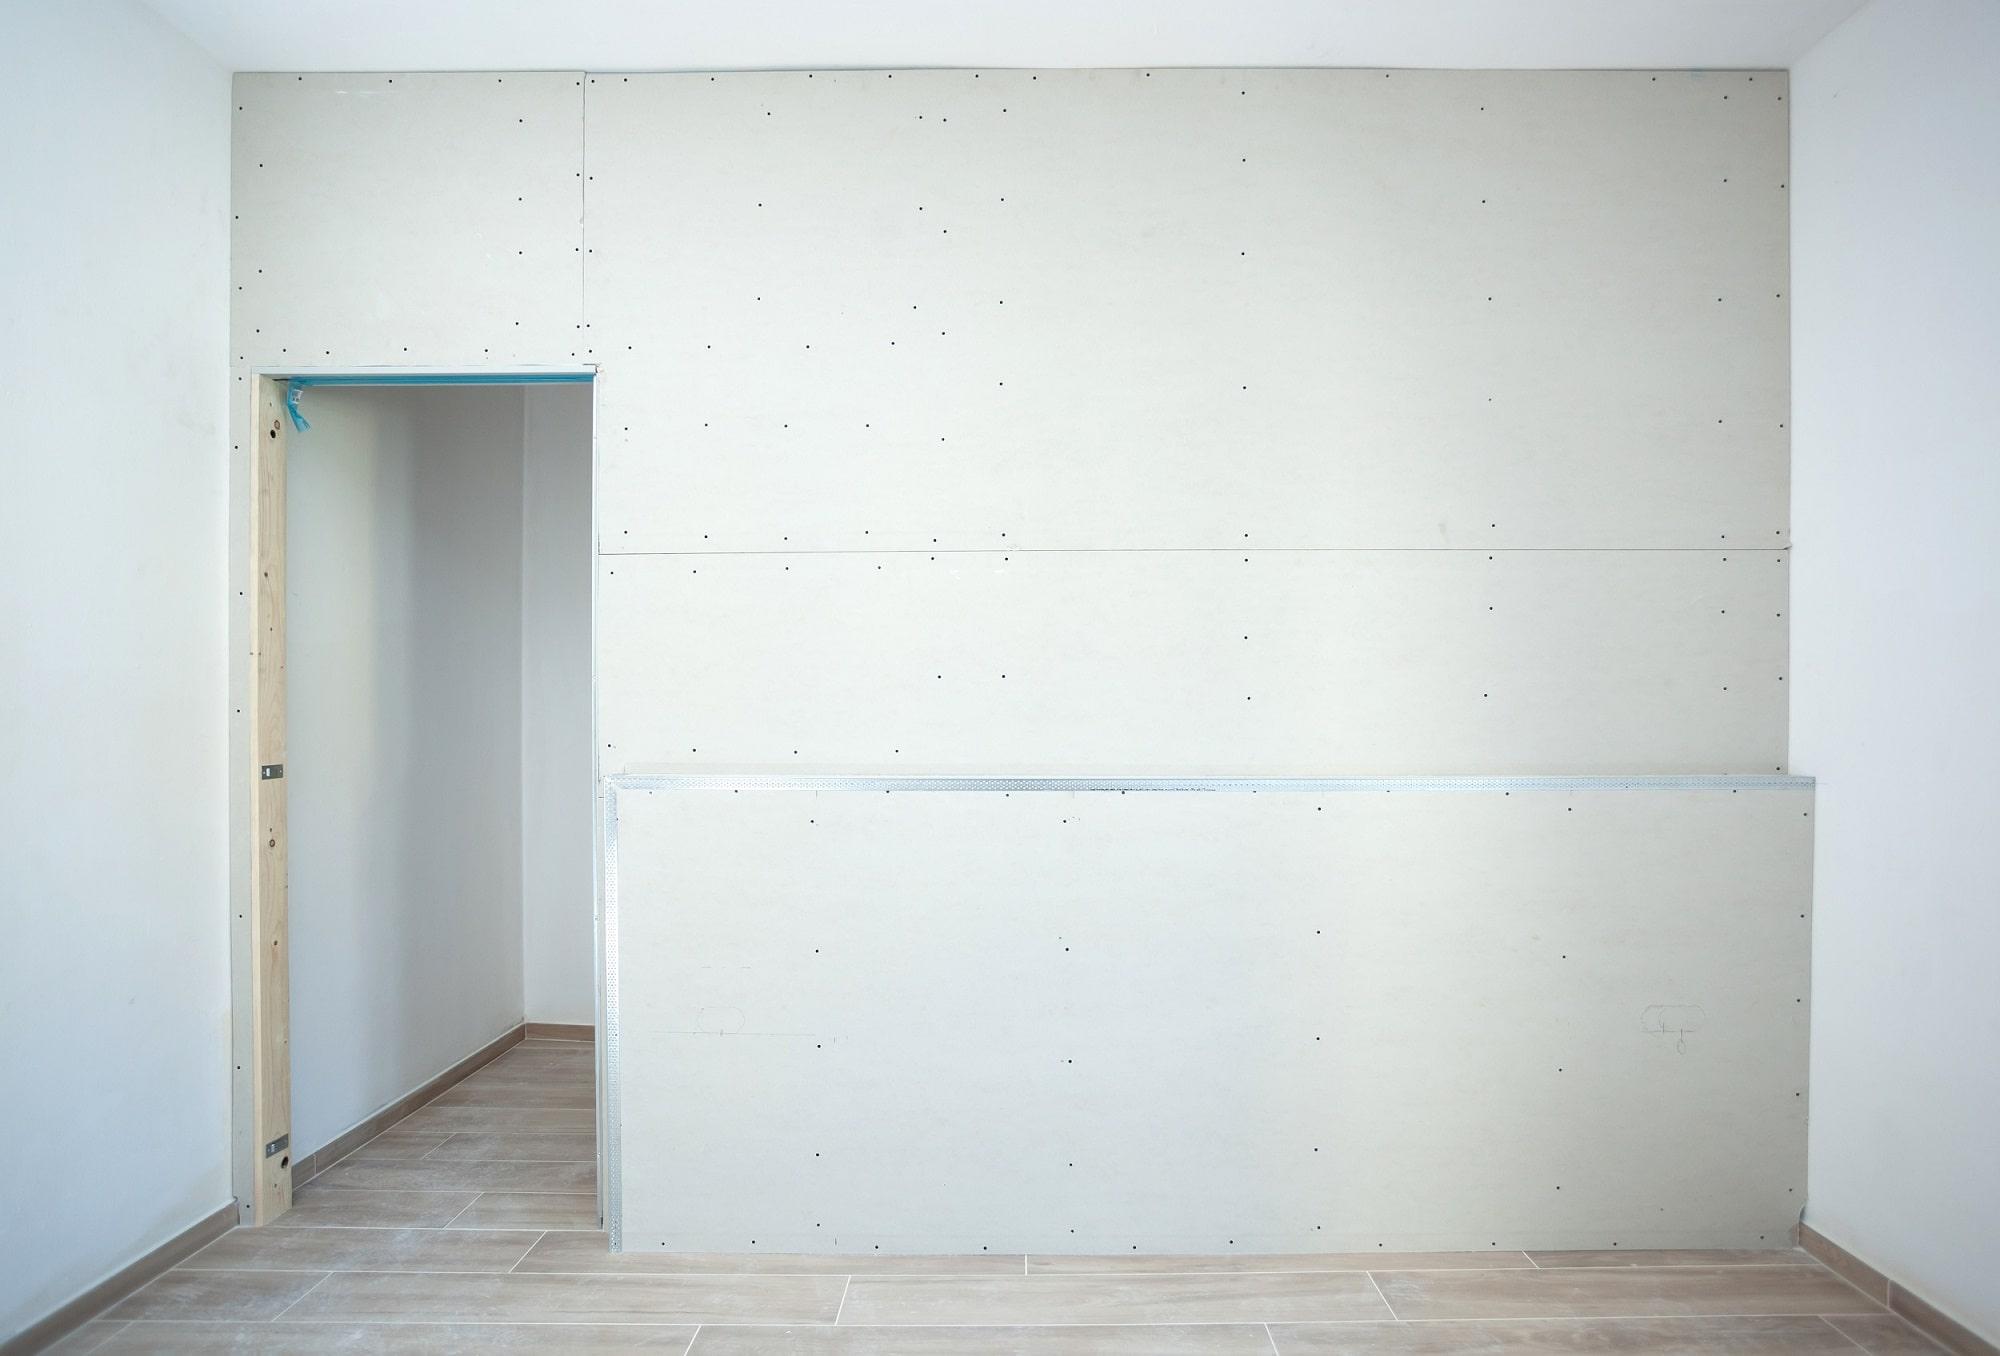 קירות (מחיצות) גבס